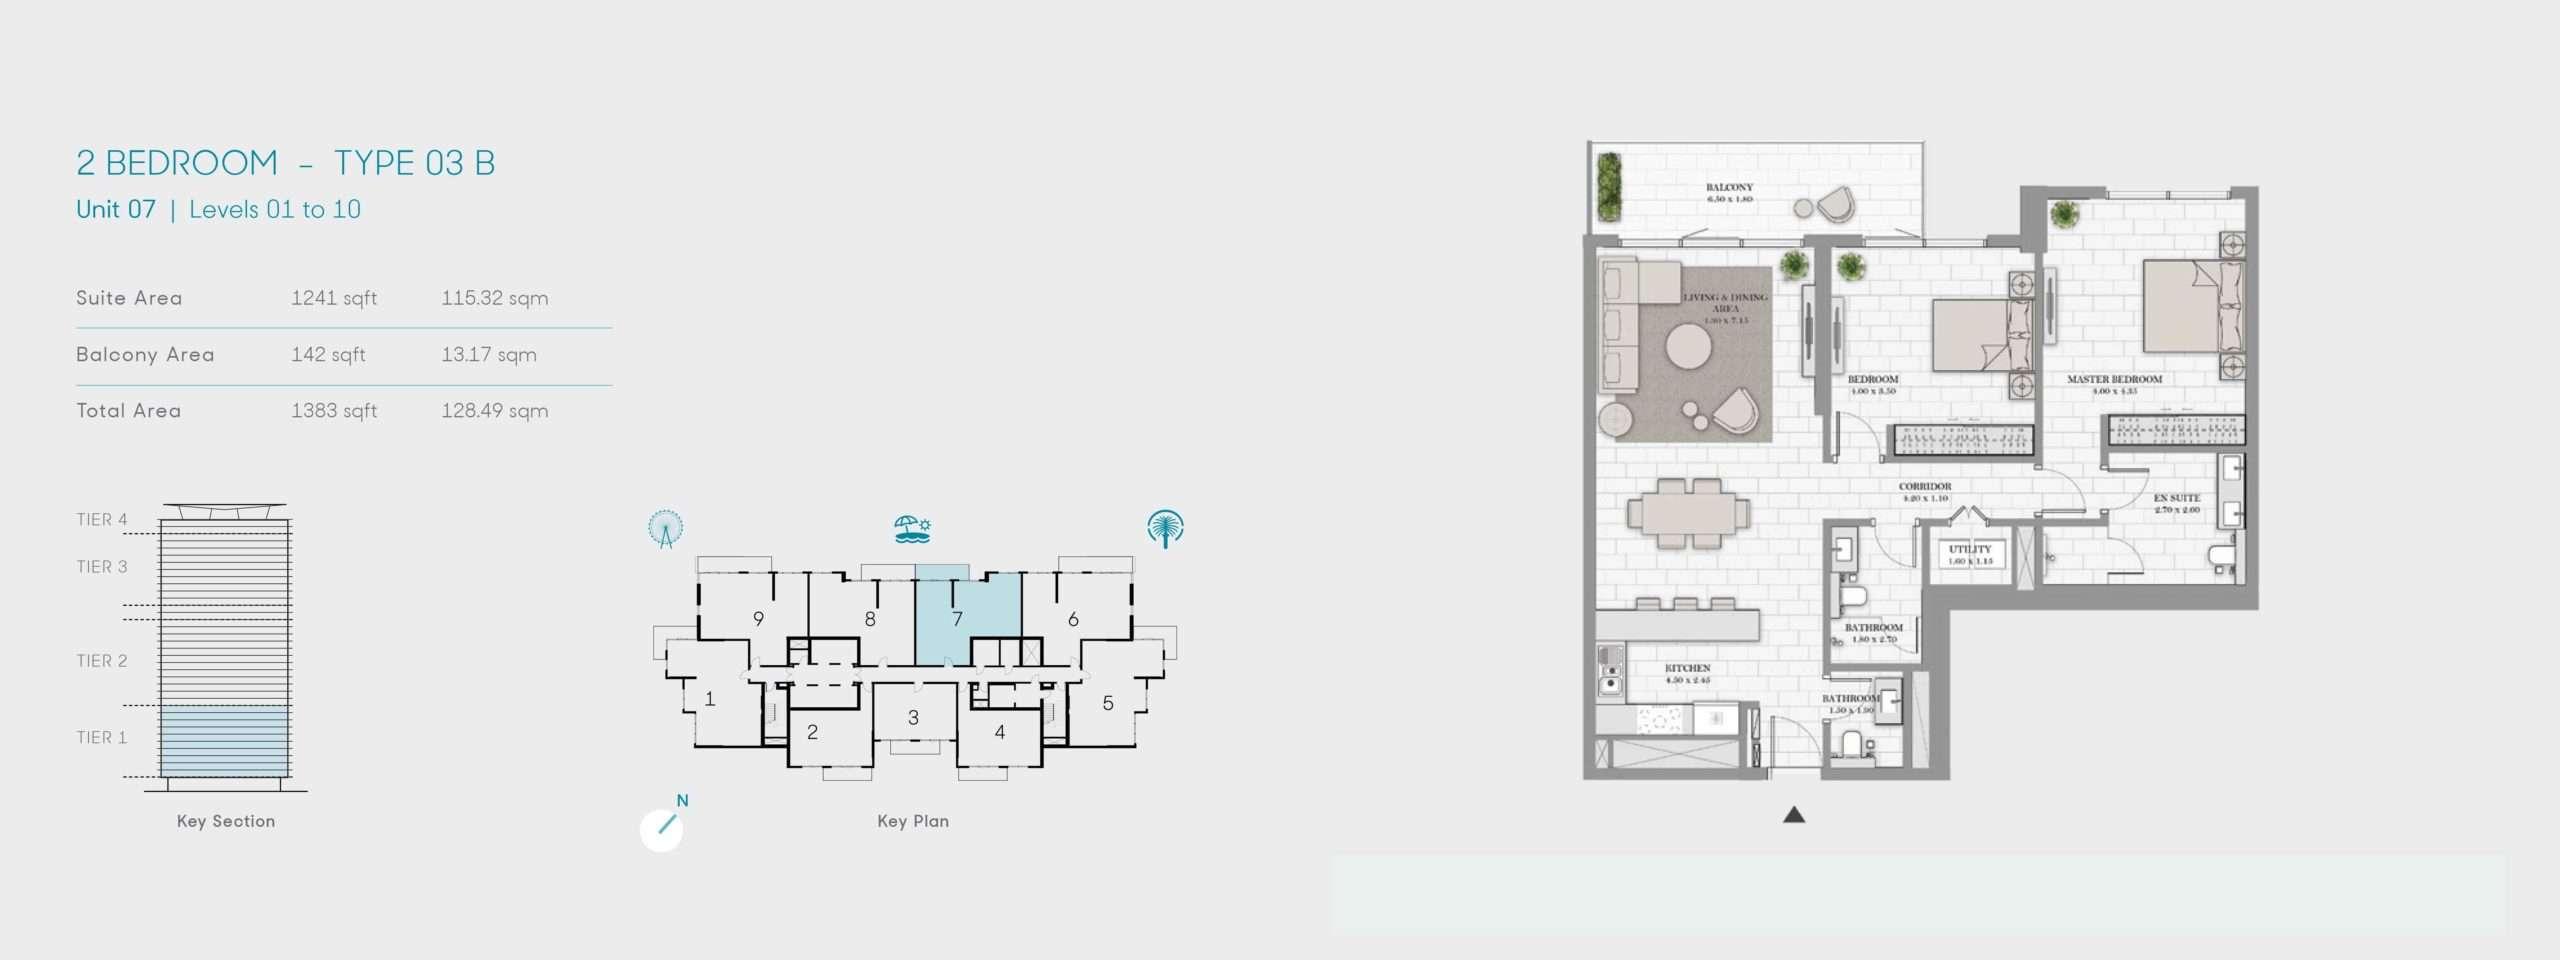 2-Bedroom Typ 03B